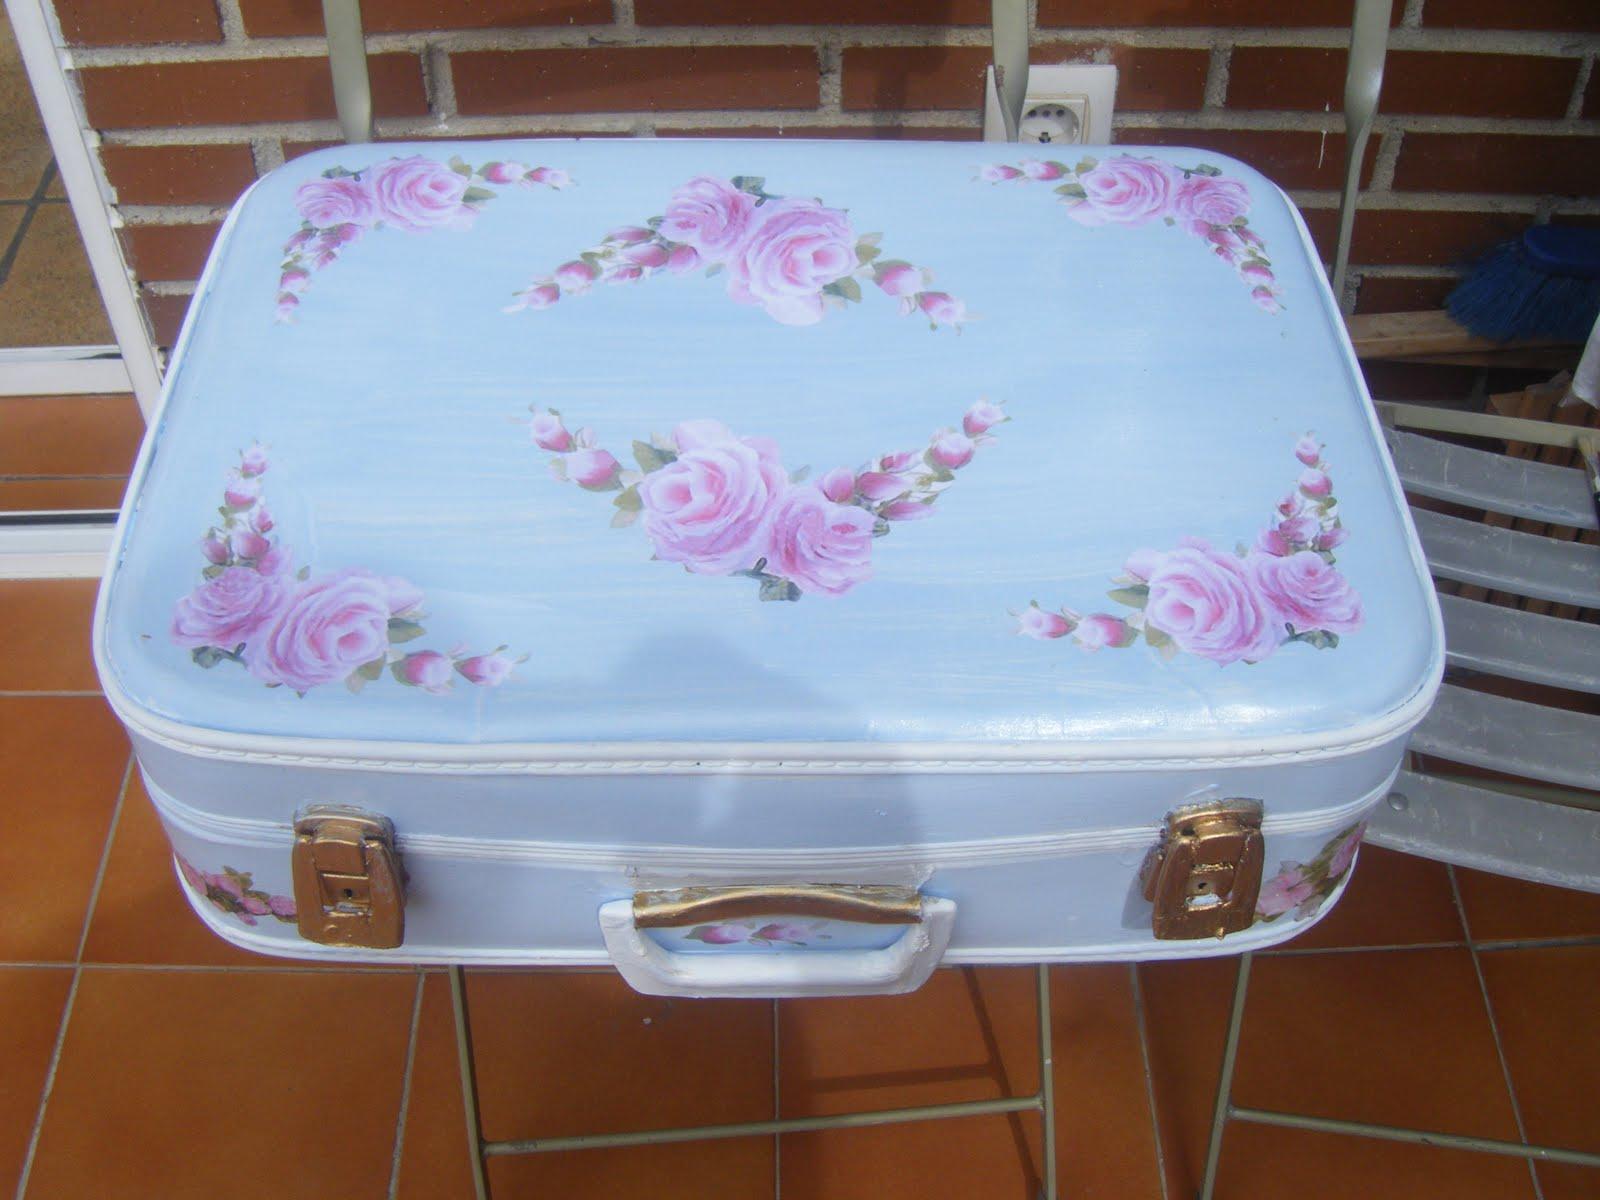 Mi baul de los regalos una maletita shabby chic - Estilo shabby chic manualidades ...